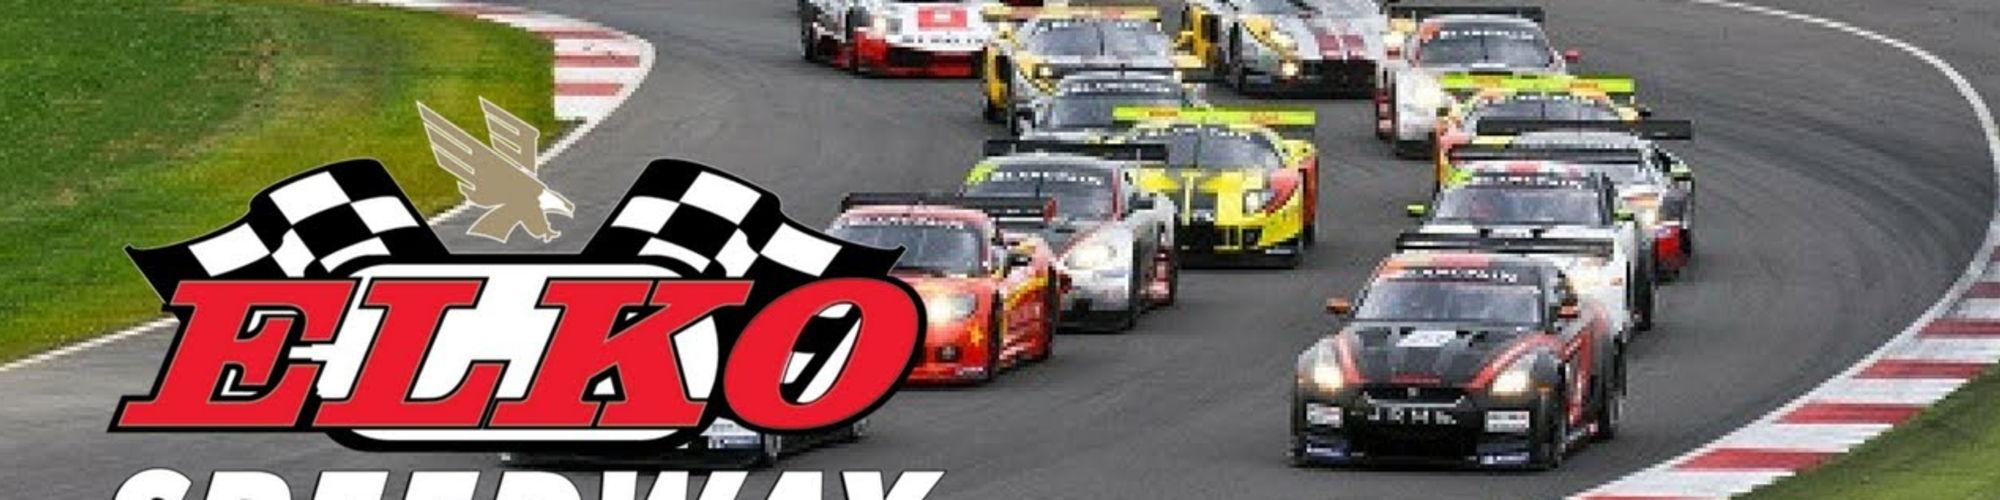 Elko Speedway cover image